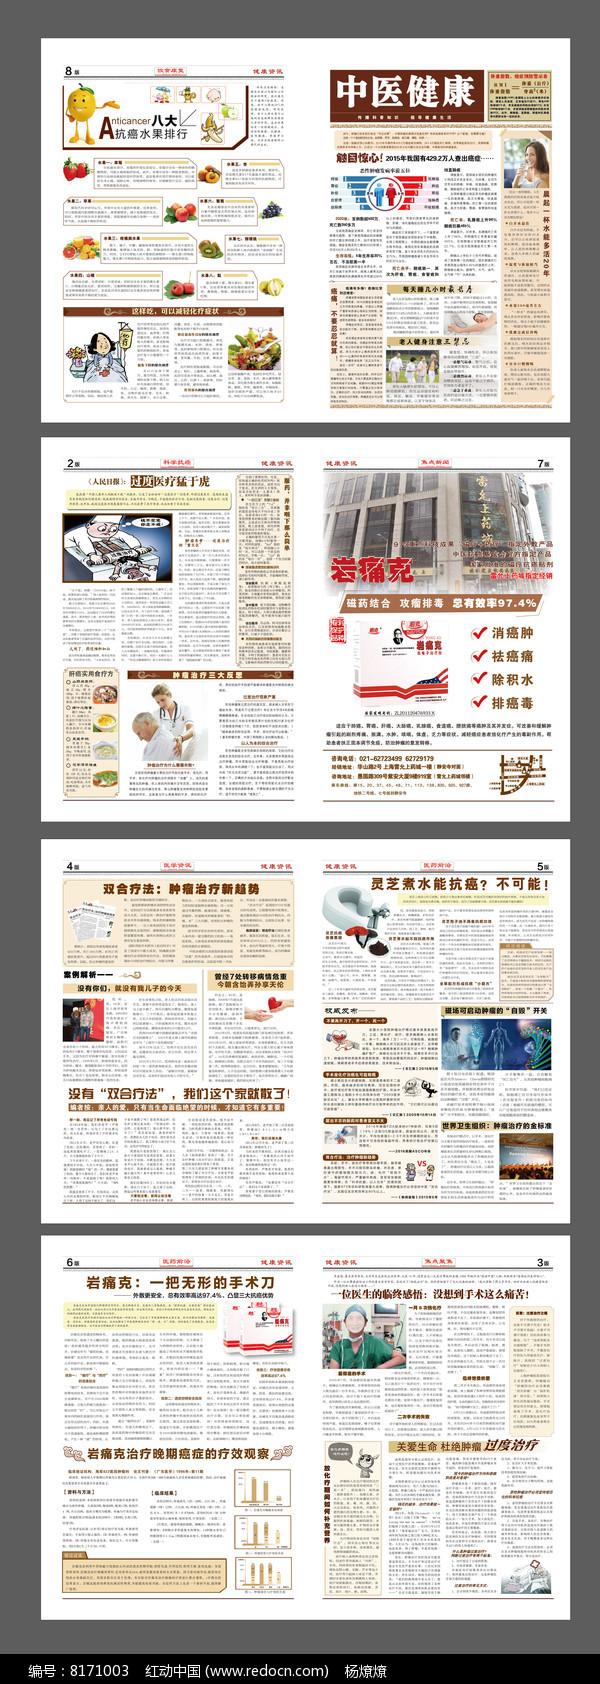 健康资讯中医风格报纸版面设计图片